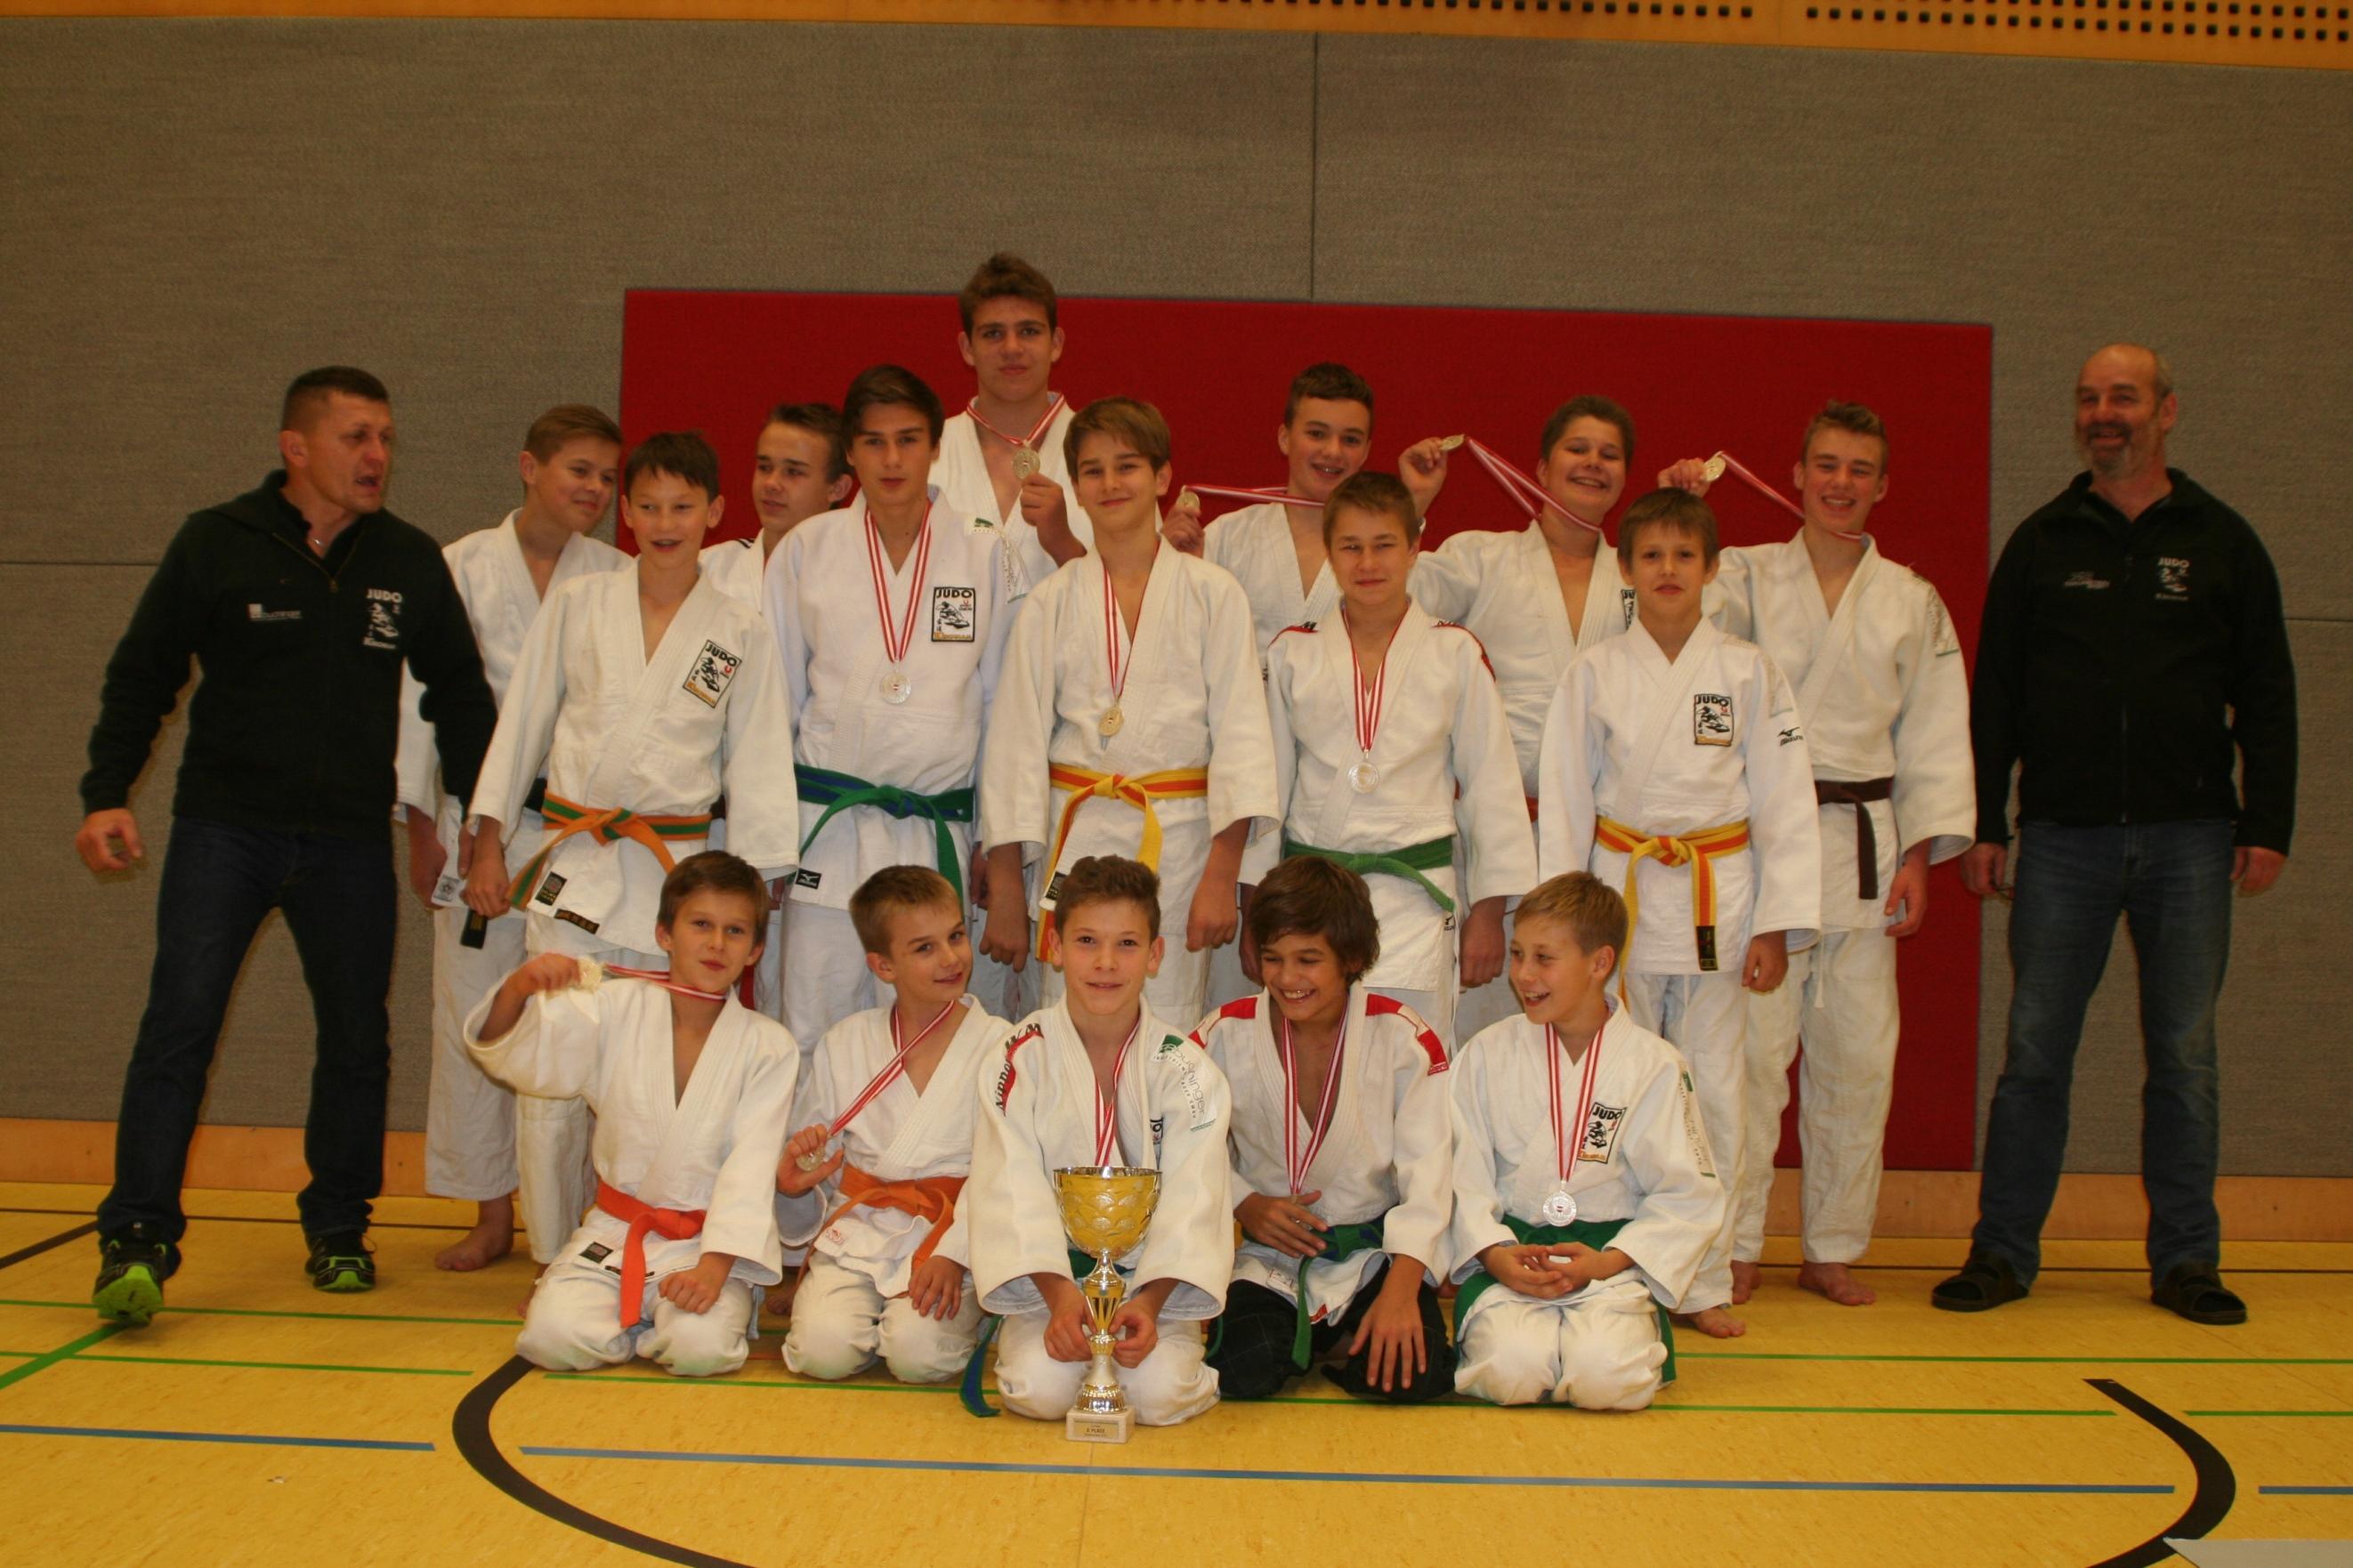 Internationale Seniorenmeisterschaft und ÖM-Schülermannschaft